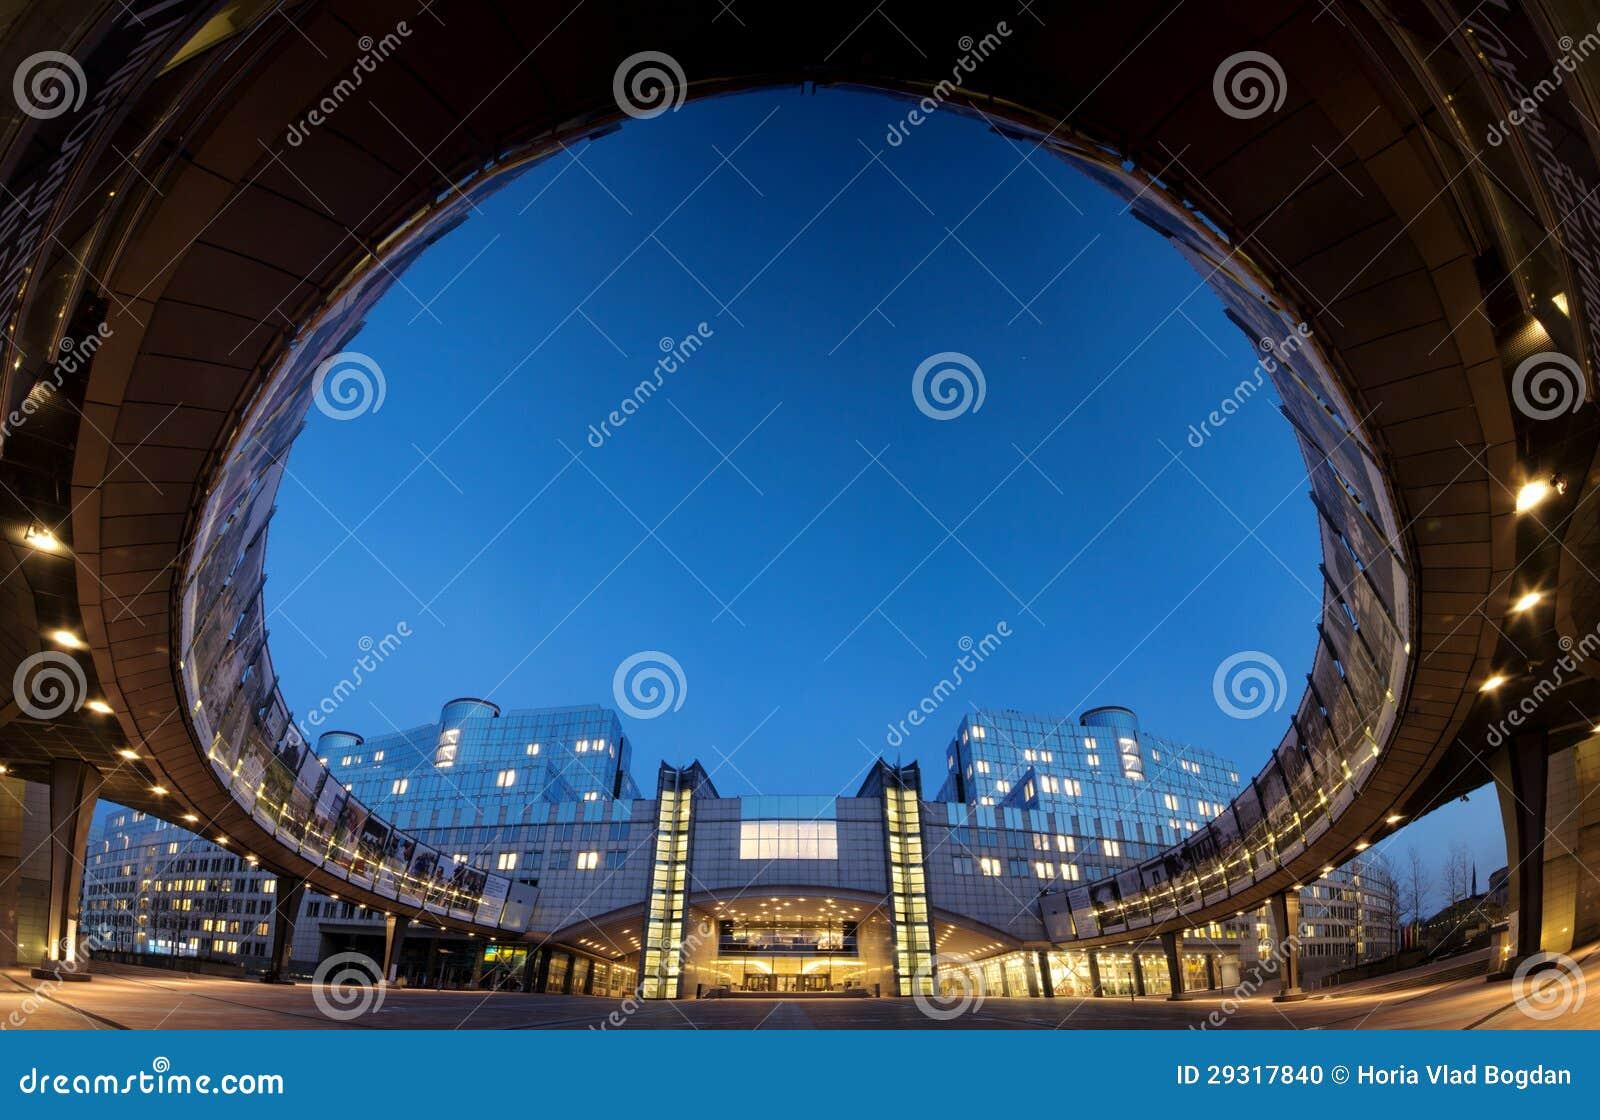 Panorama grand-angulaire superbe de la construction du Parlement européen à Bruxelles (Bruxelles), Belgique, par nuit